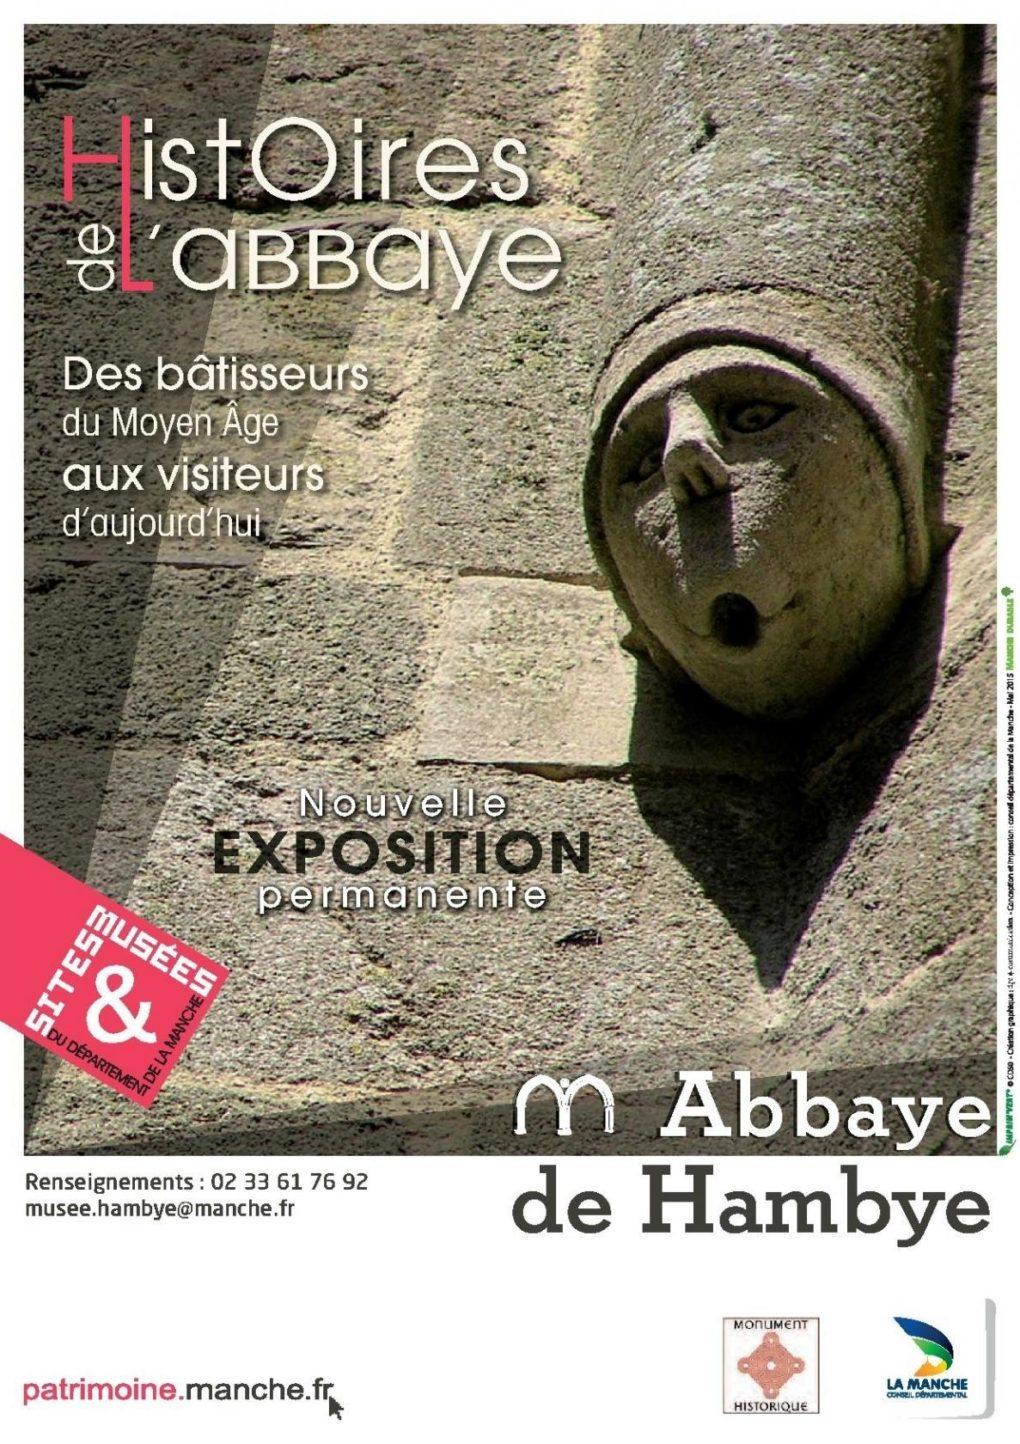 Histoires de l'abbaye de Hambye Hambye